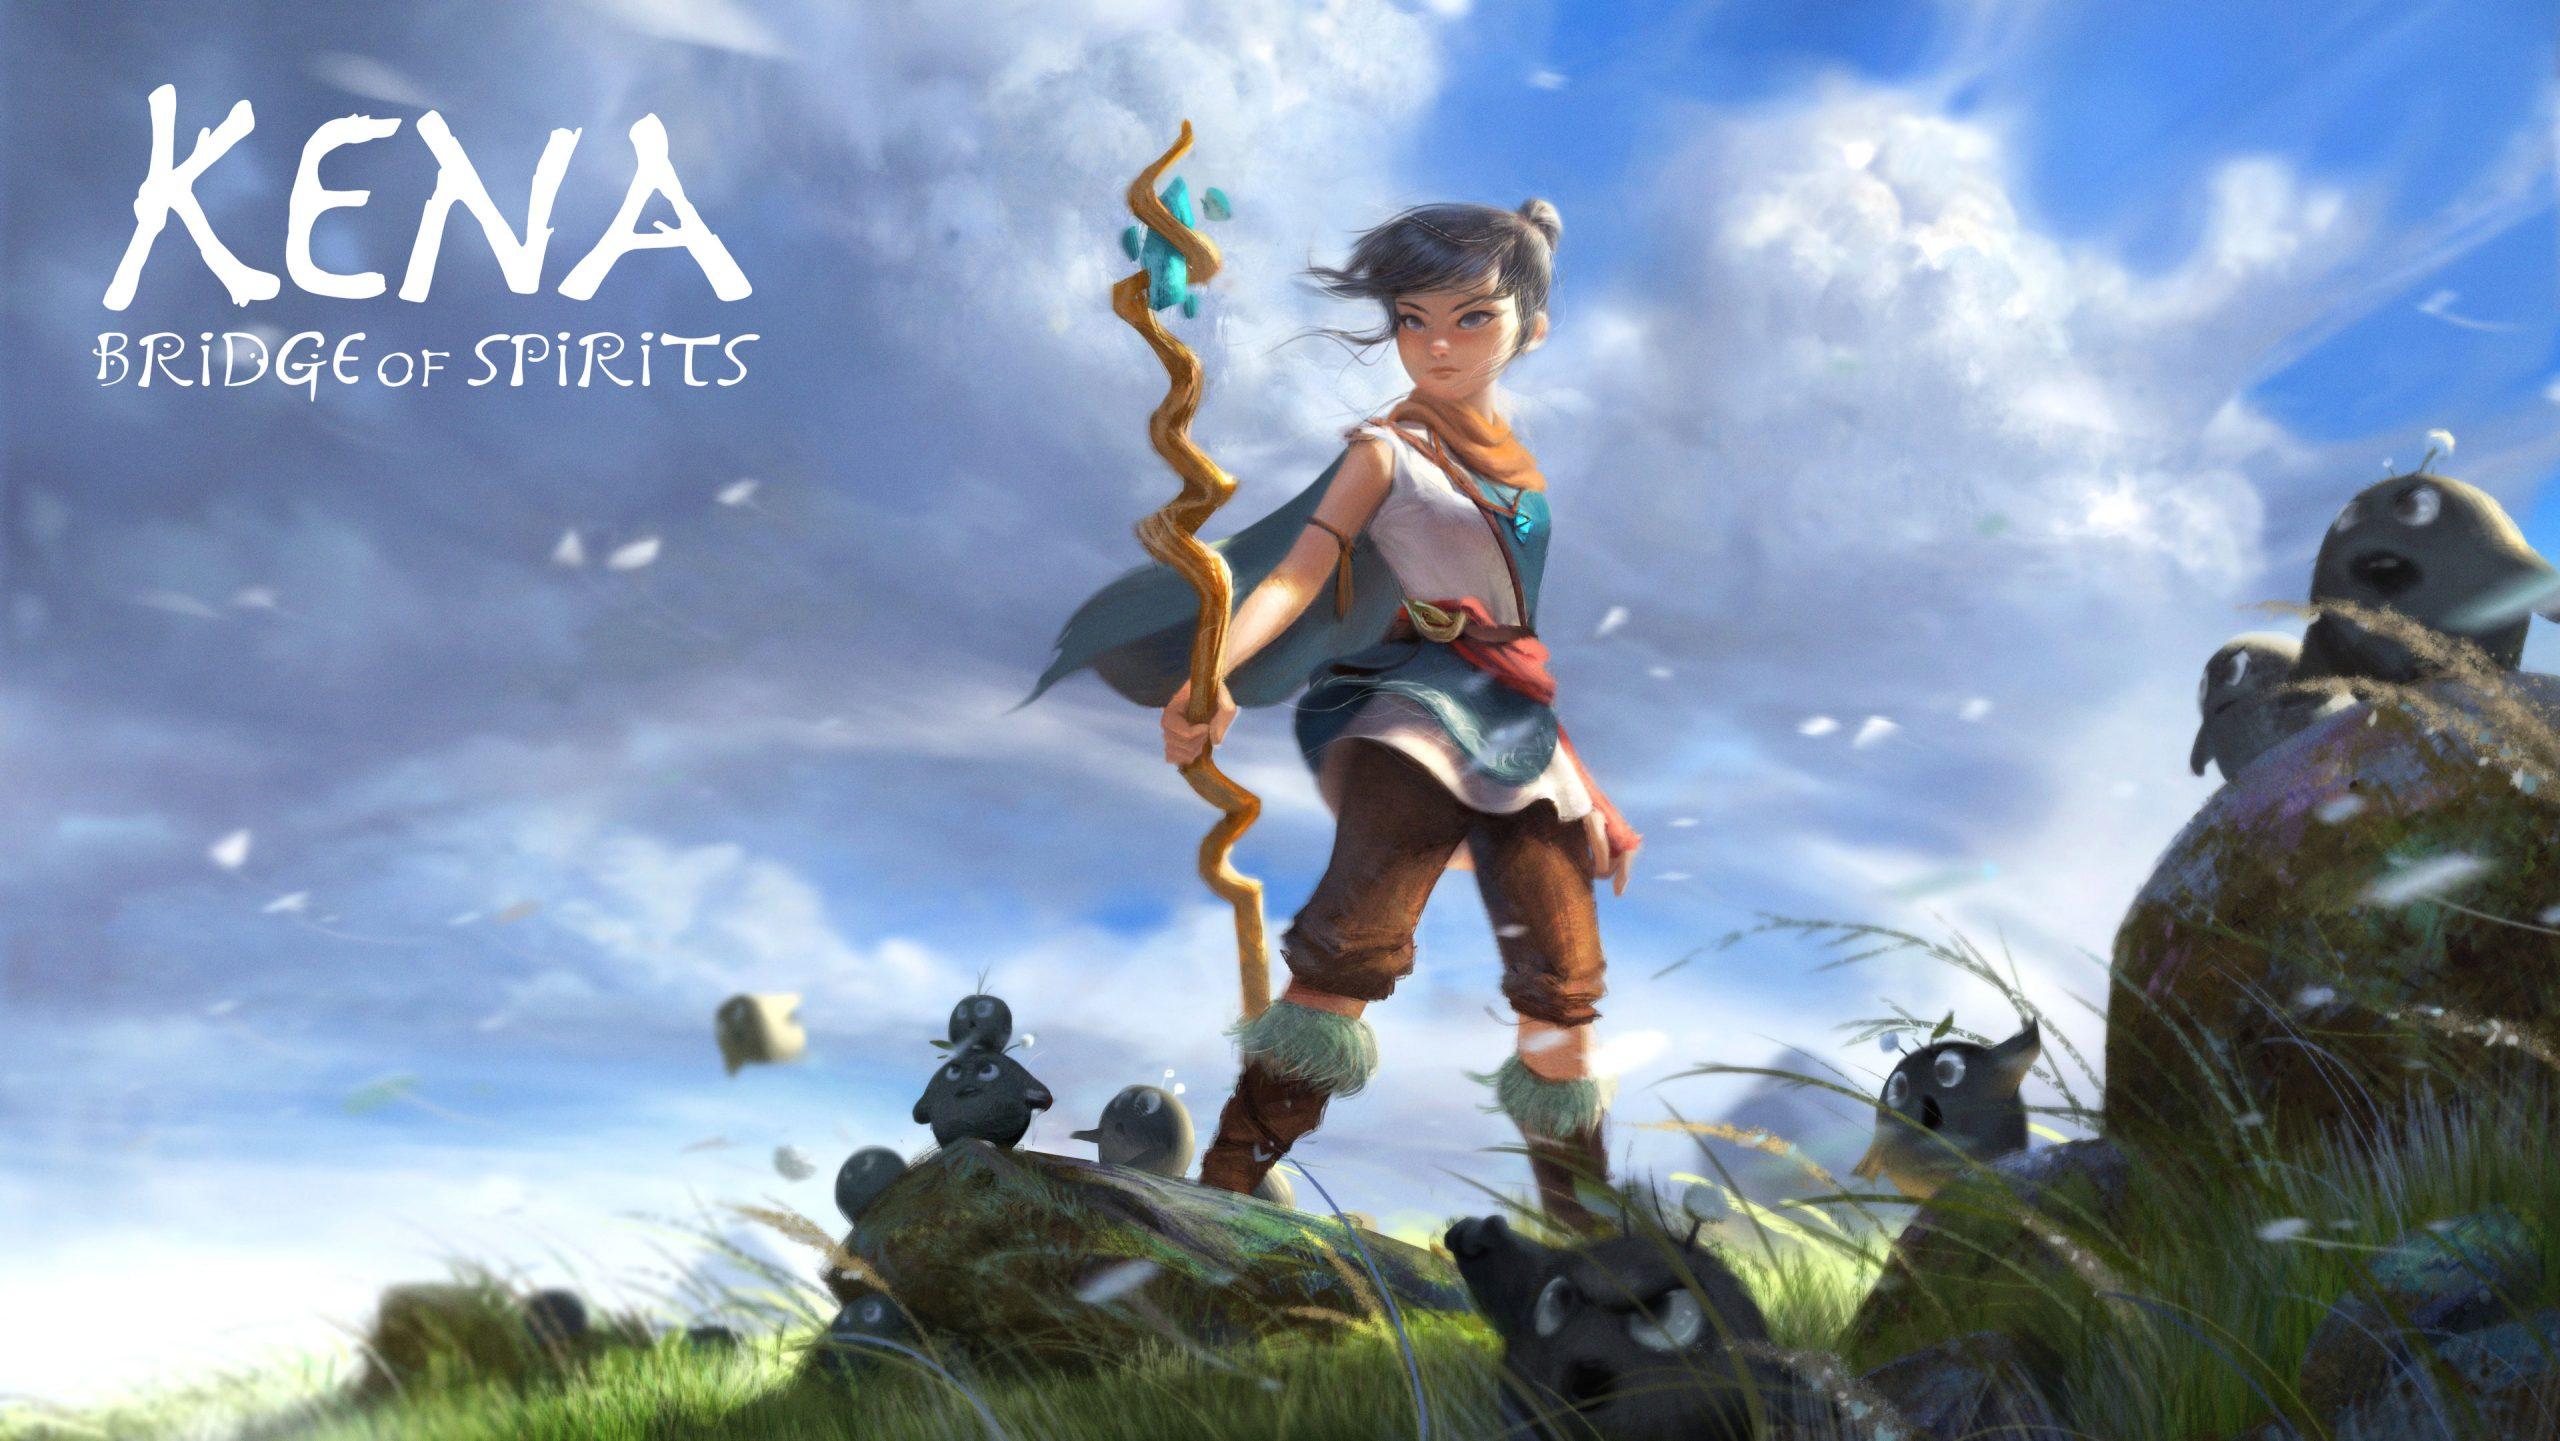 เปิดตัว Kena: Bridge of Spirits เกมแนวการ์ตูน CG สุดอลังการ - GameMonday